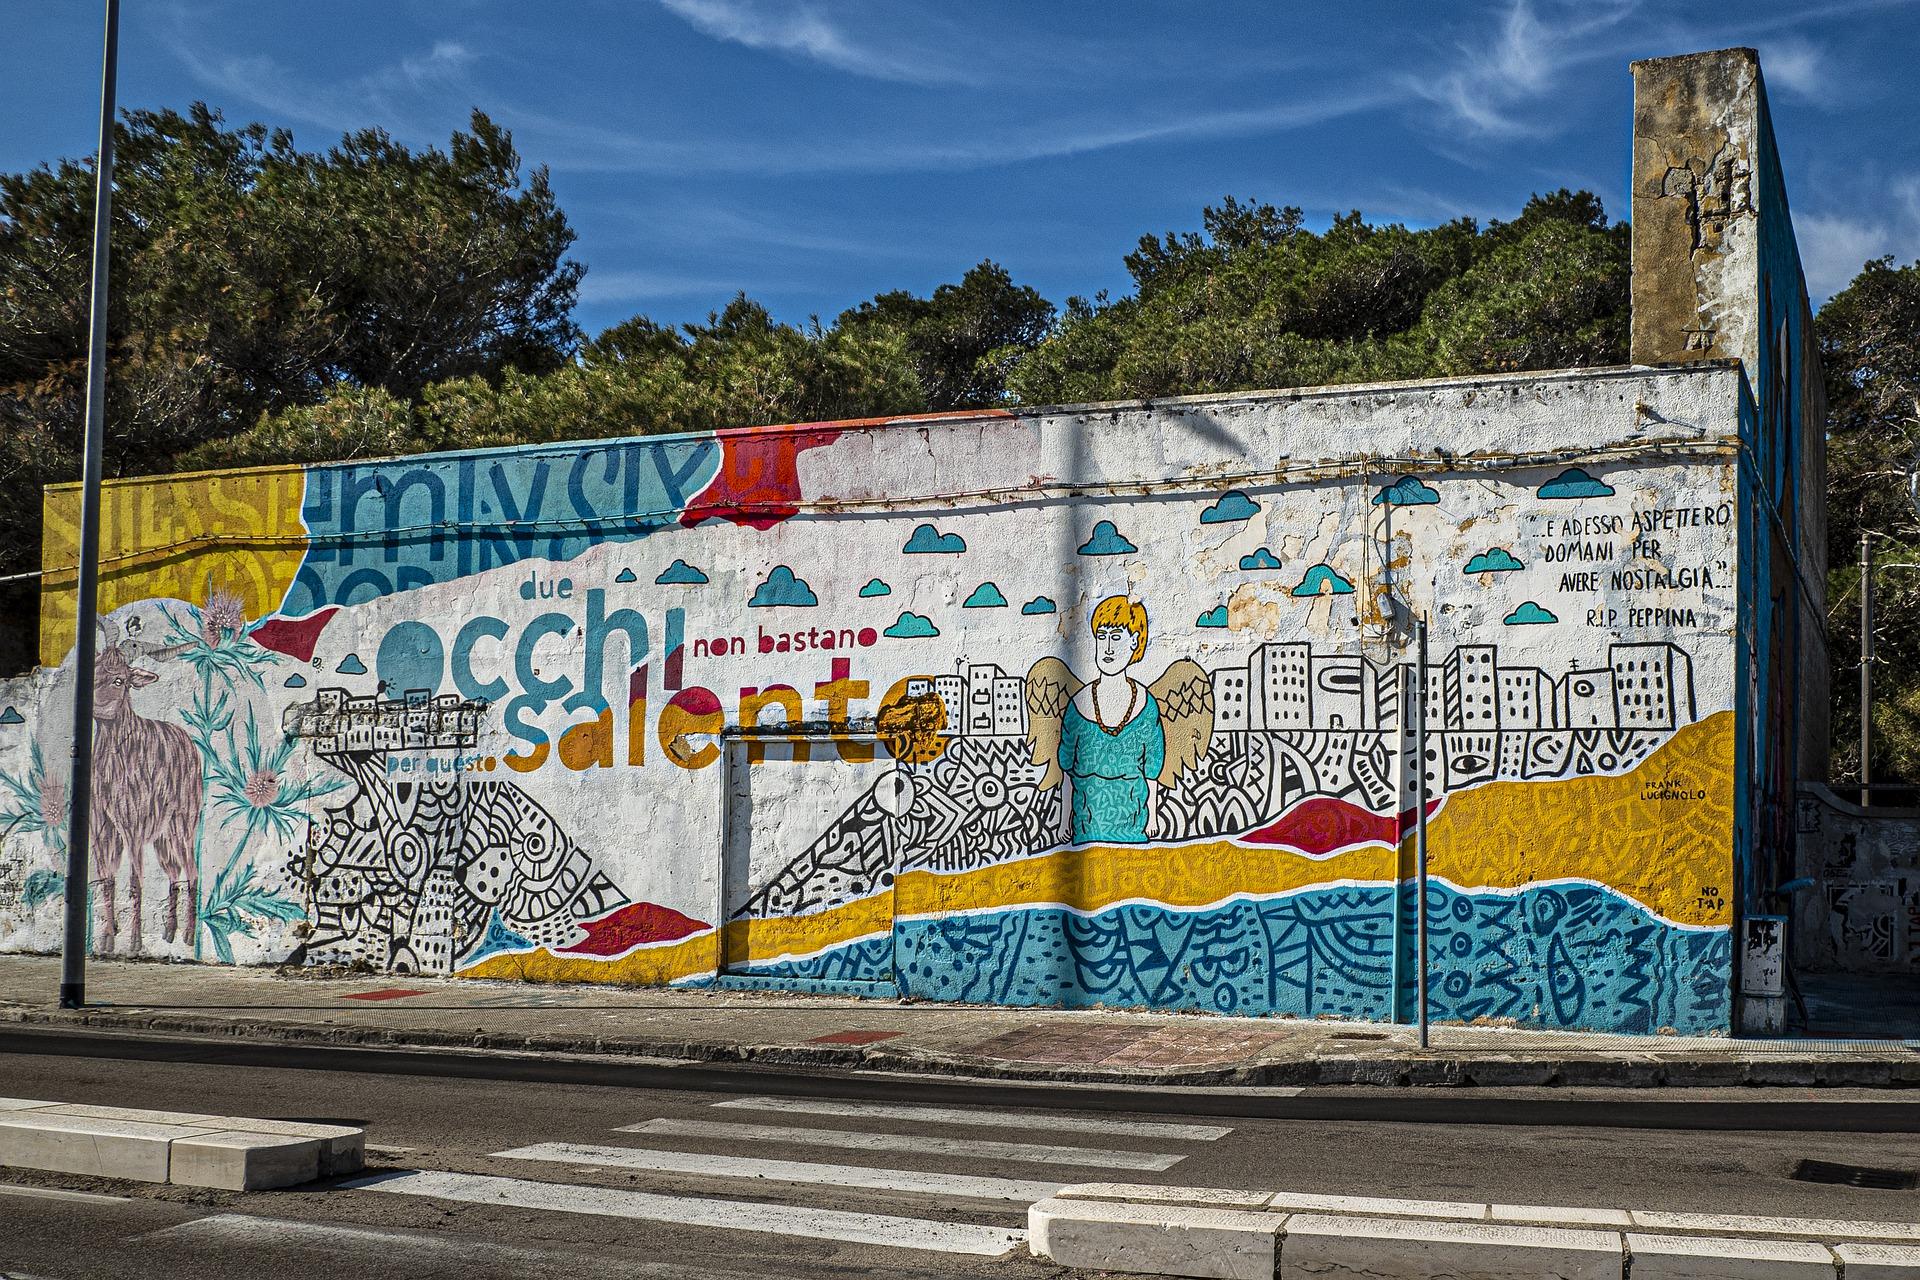 marine leccesi tassa suolo pubblico San Cataldo, Frigole, Torre Chianca, Spiaggiabella, Torre Rinalda